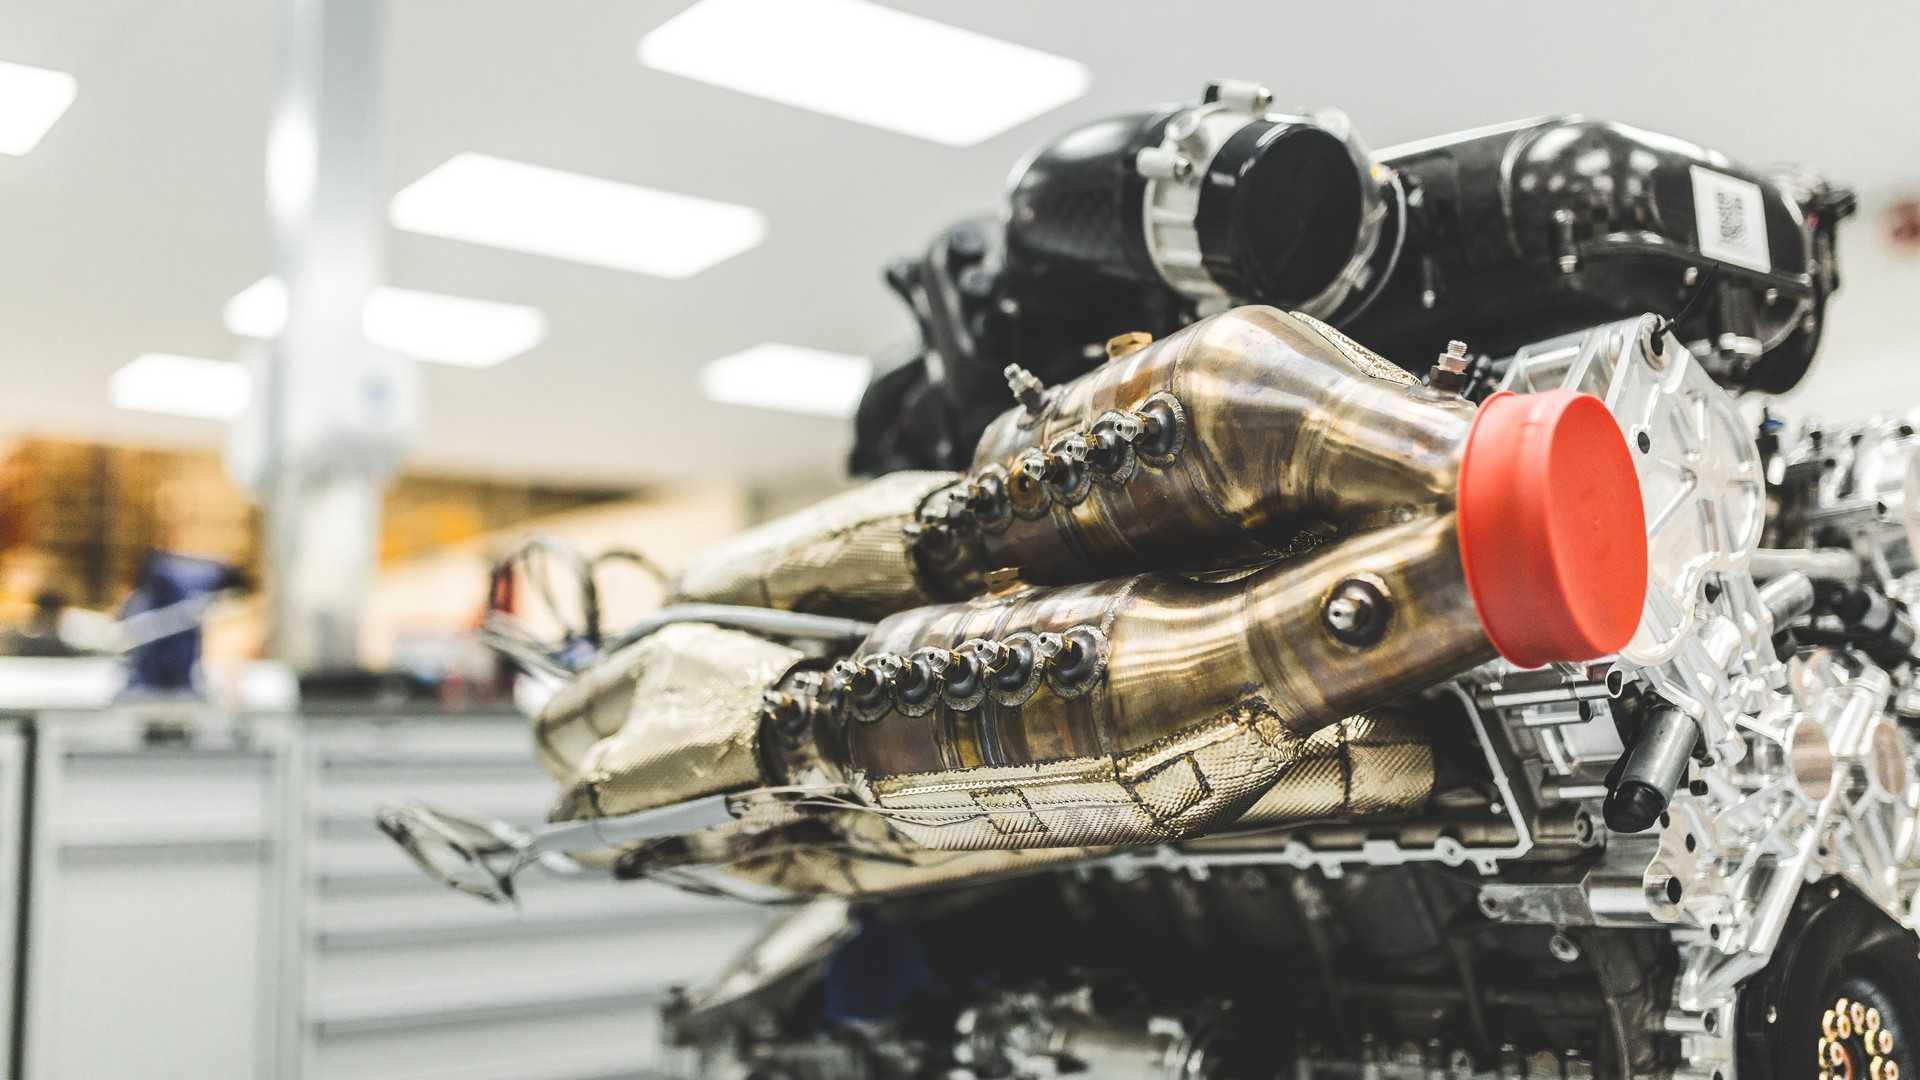 15萬英鎊的引擎當作茶幾!Aston Martin Valkyrie車主就是狂! | SUPERMOTO8